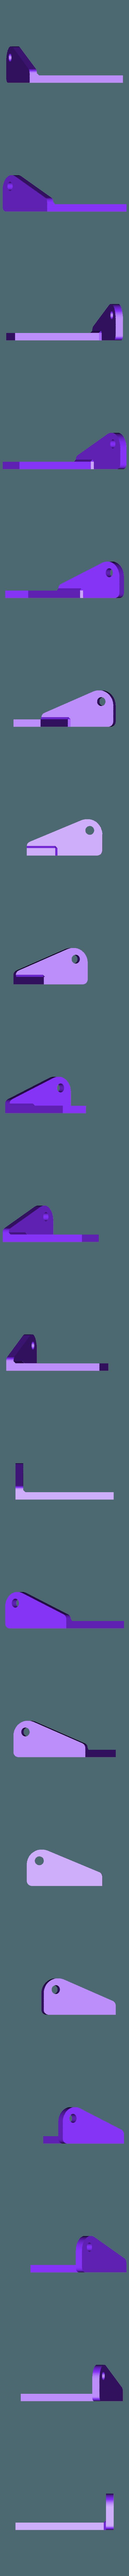 DF4J_SUPPORT_LIGHT_BAR_LEFT_20190218.stl Download free STL file LED light bar for the DF MODELS DF-4J • Design to 3D print, peterbroeders